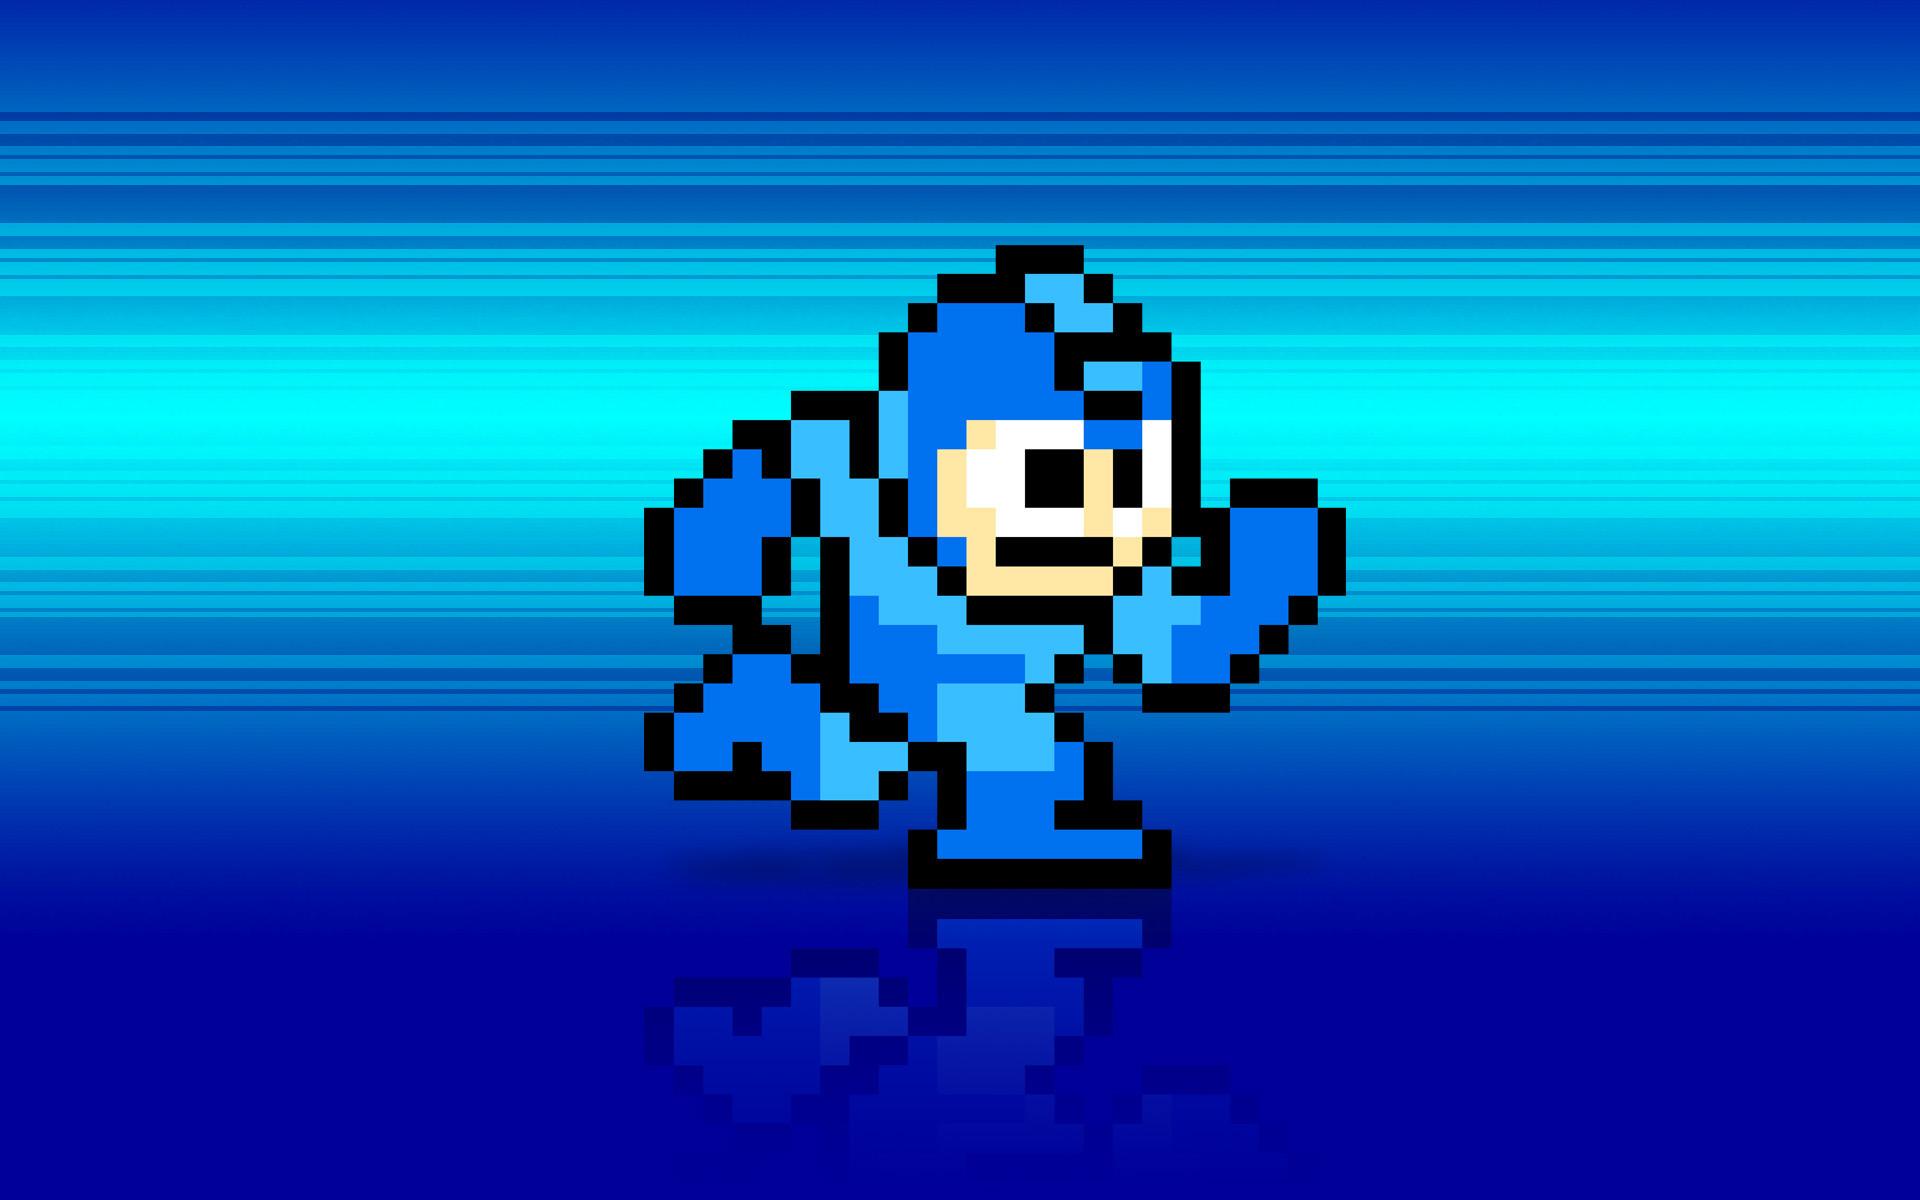 Mega Man images Capcom looking for fan input on Mega Man Legends 3 .